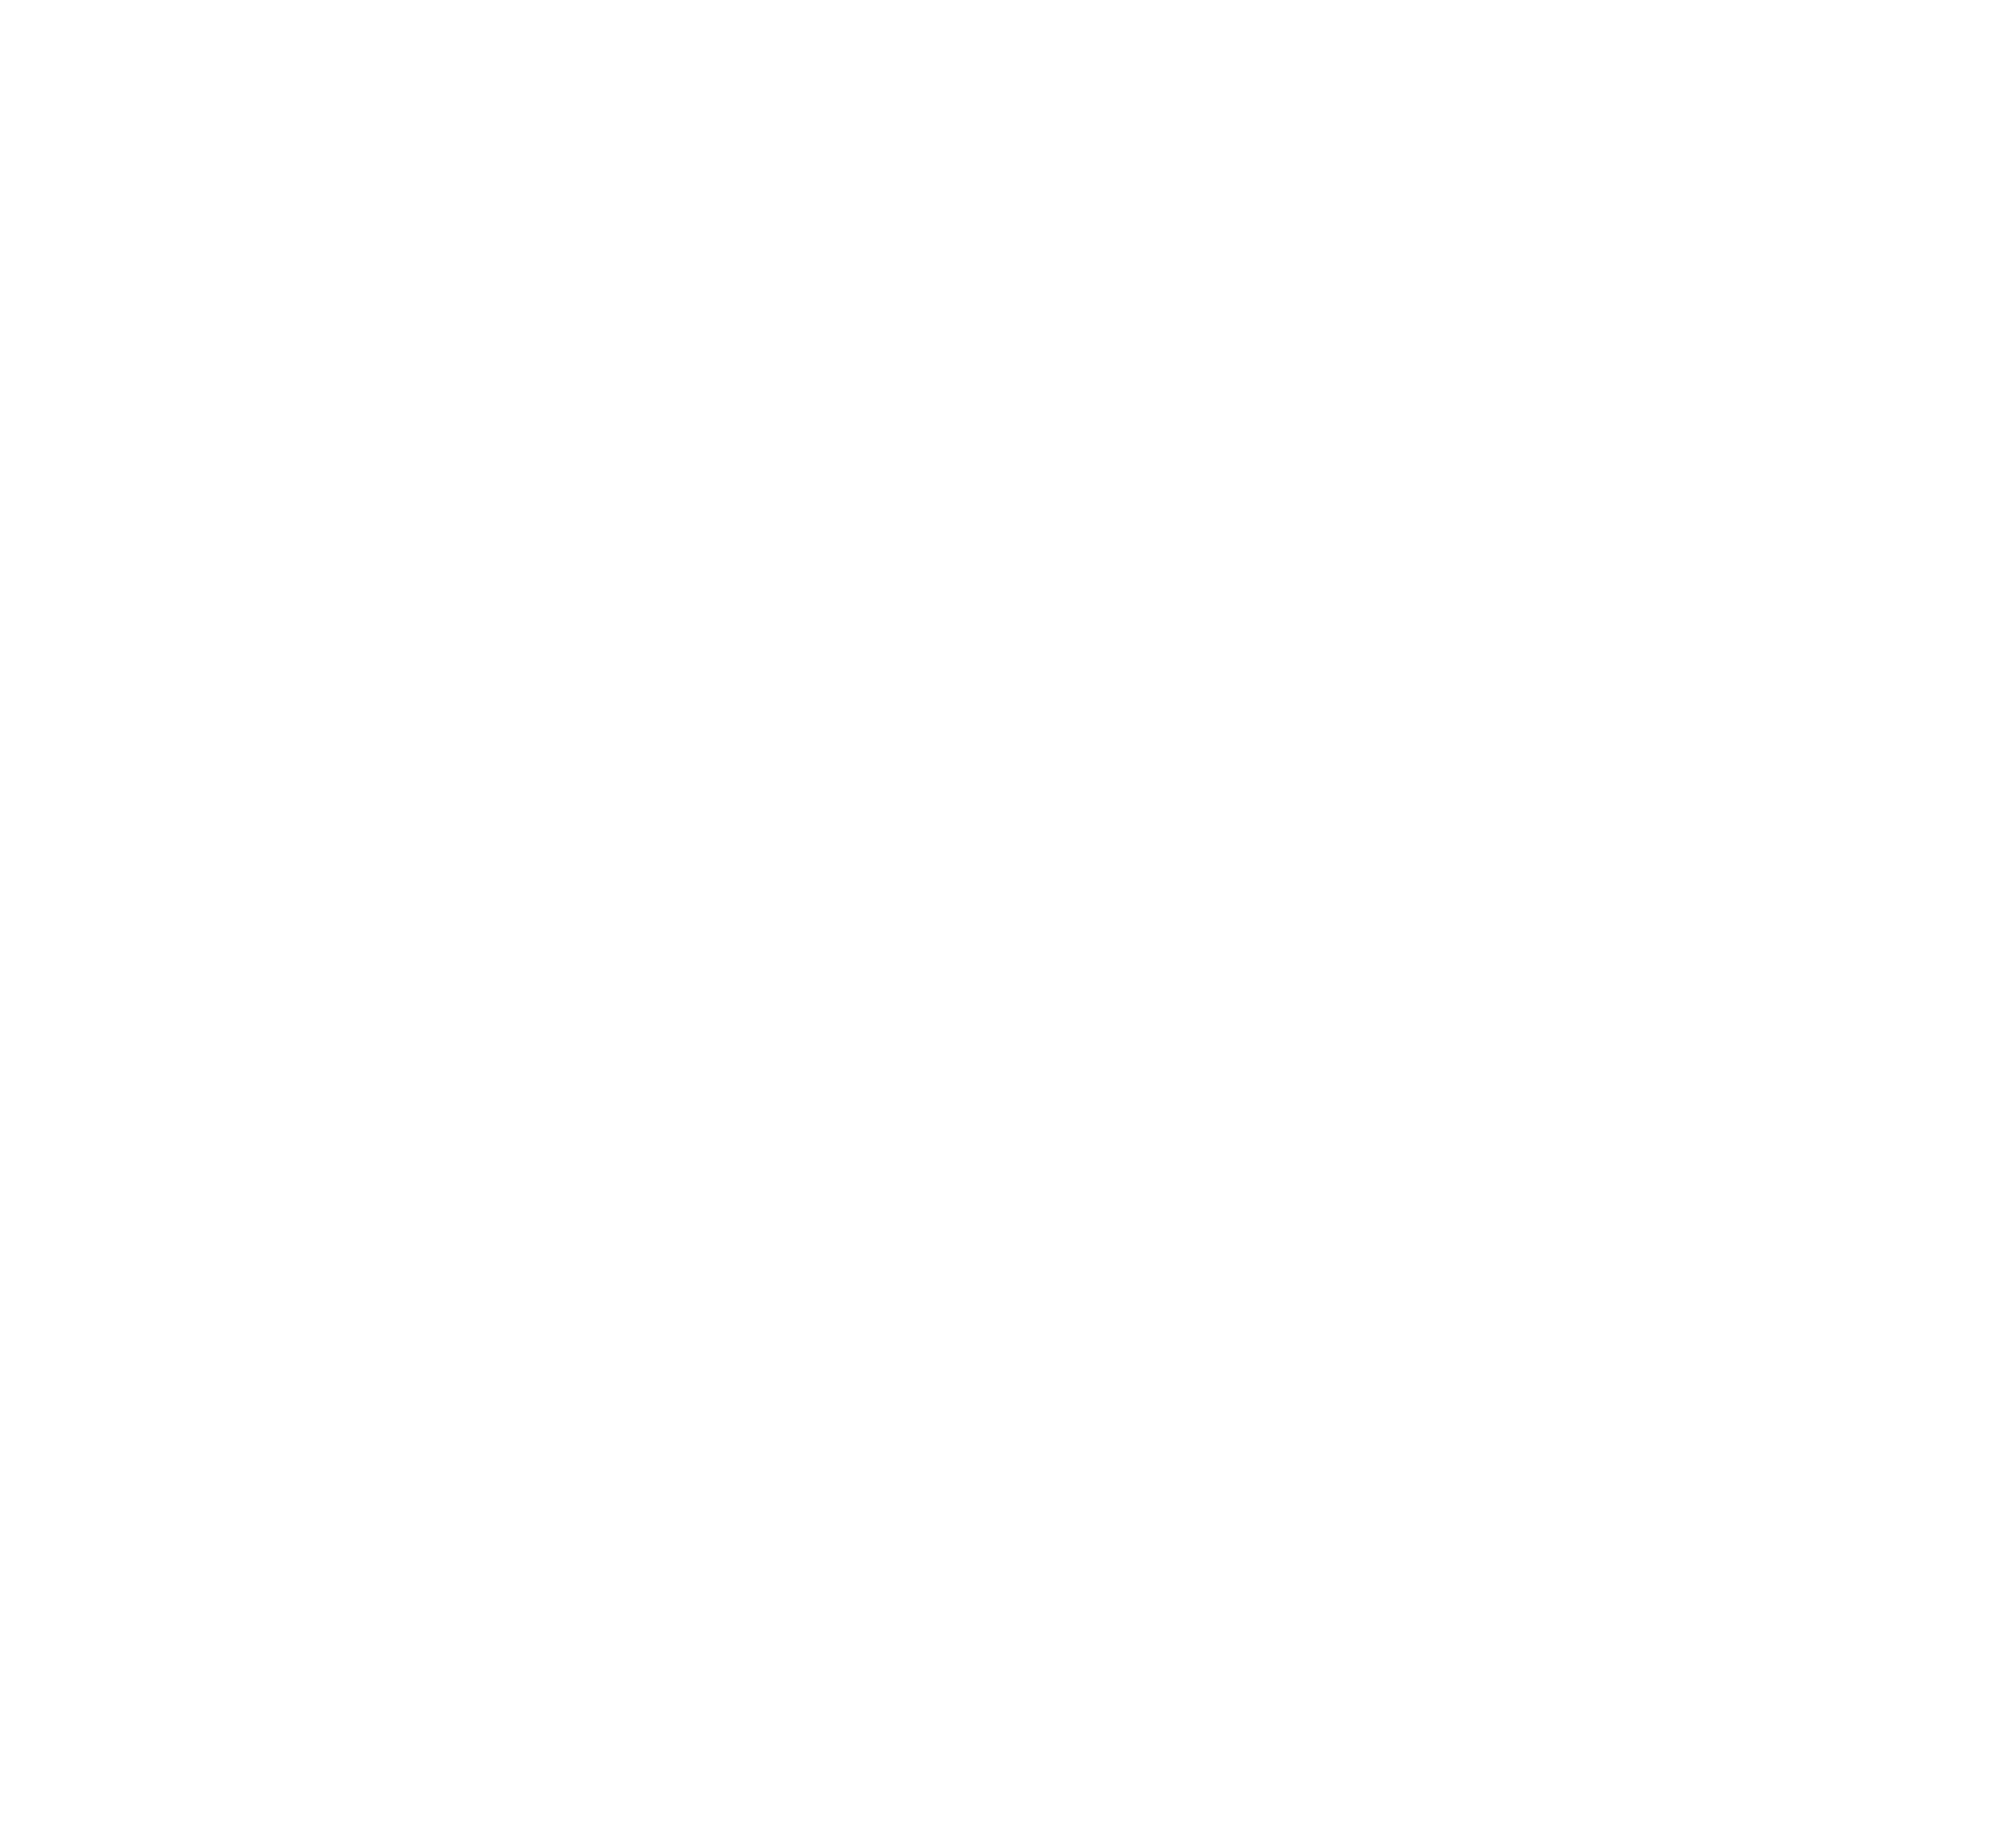 Brigand des mers | Vêtements recyclés, éthique et responsable fabriqué en France.